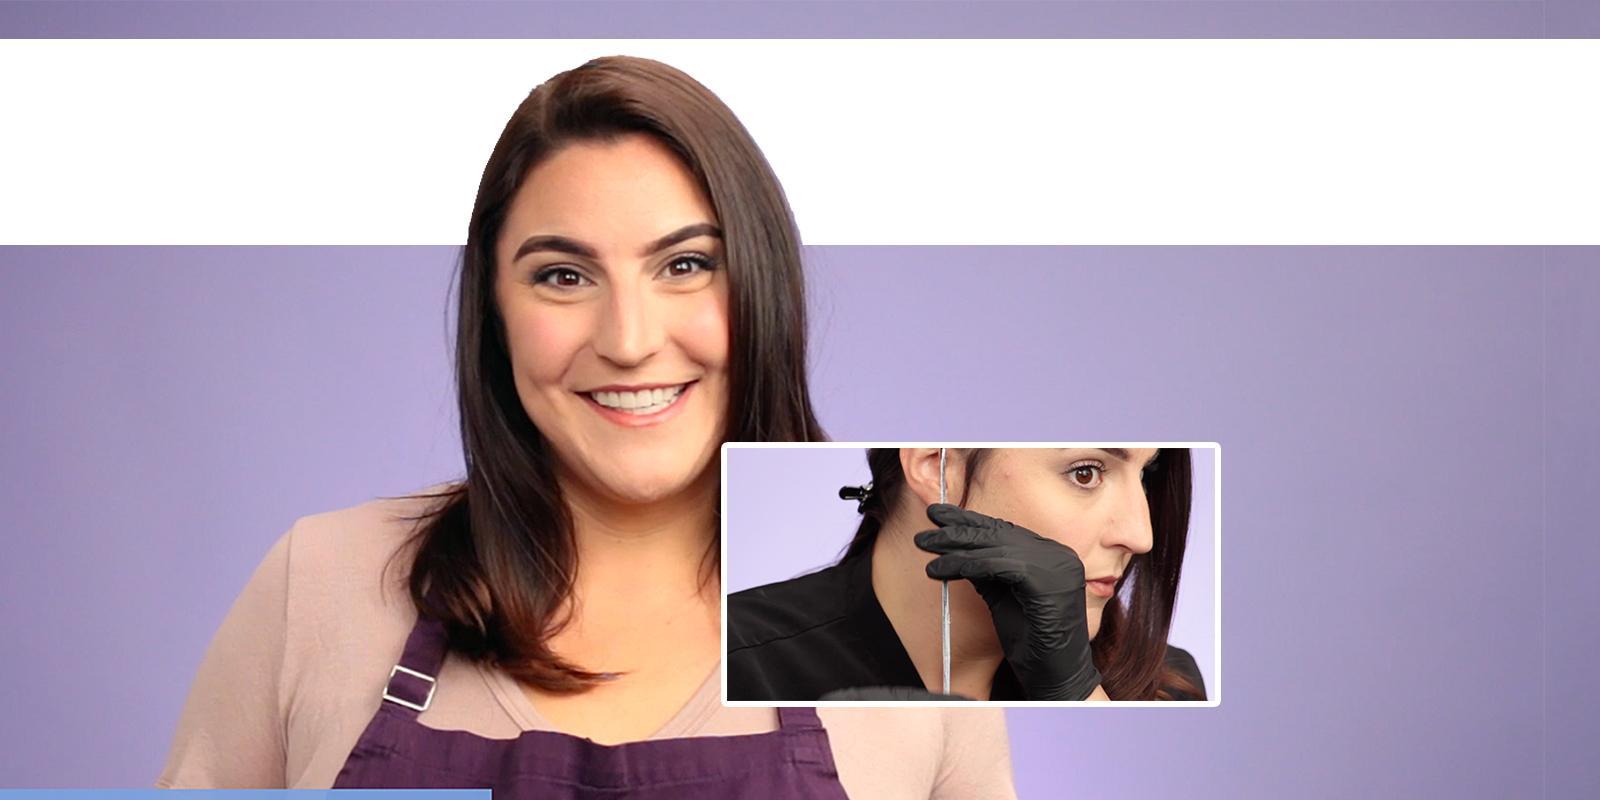 hair strand test